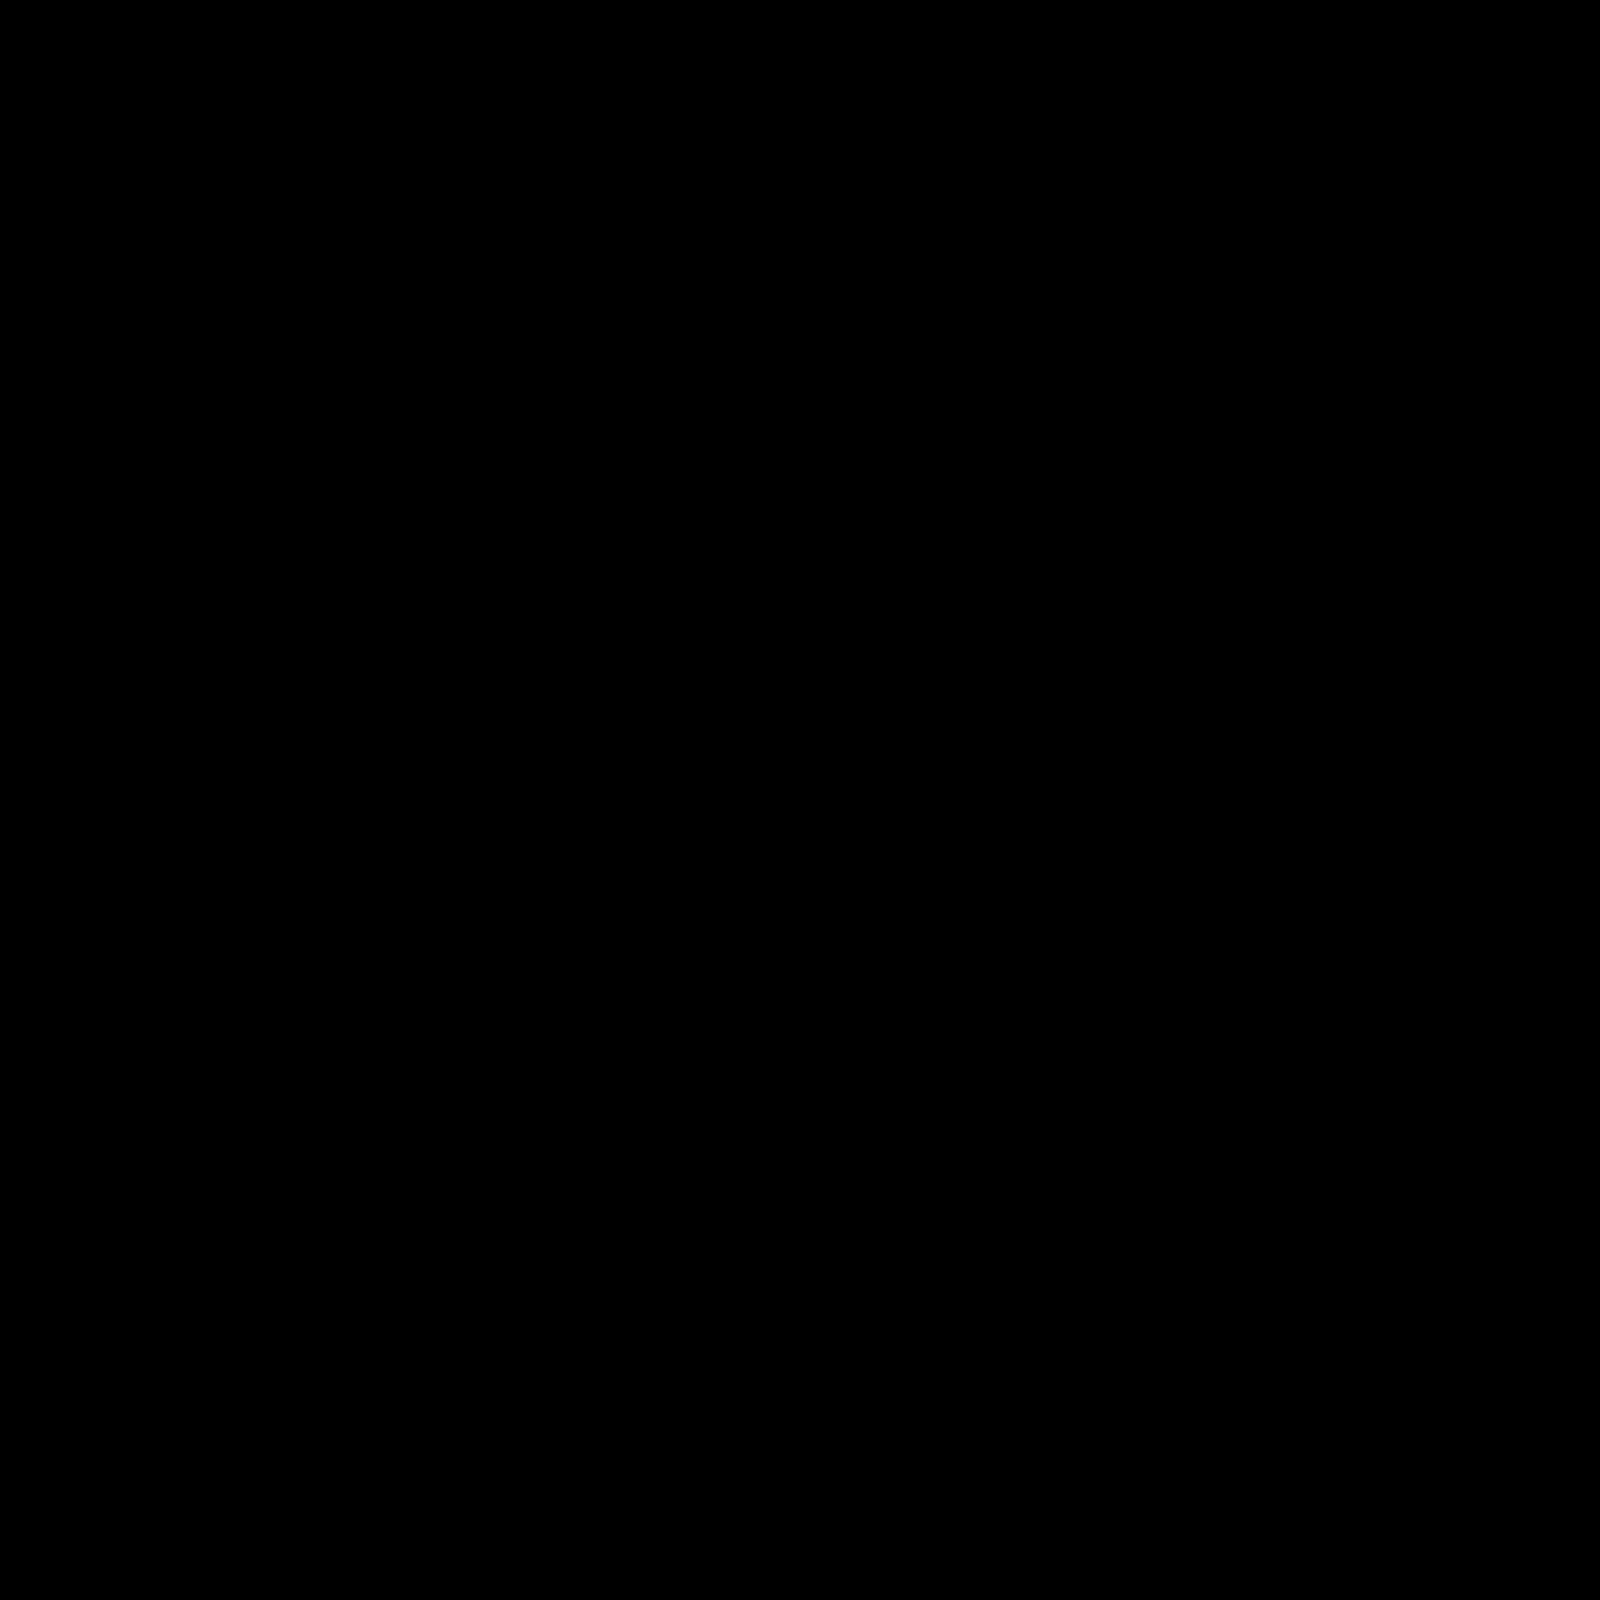 Oceny icon